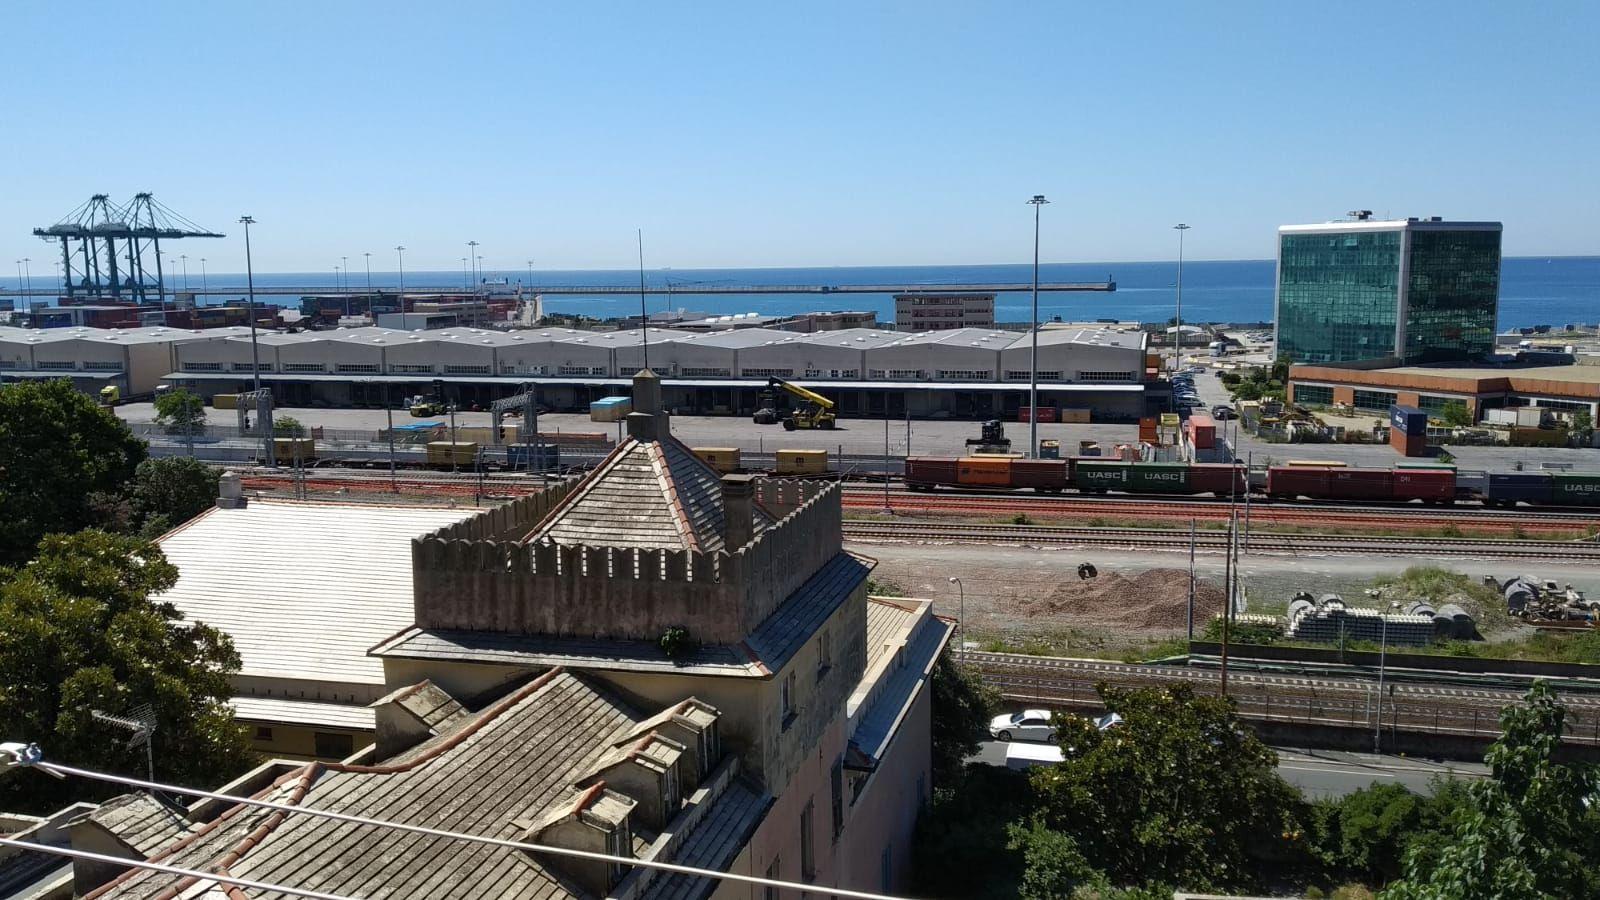 Porto di Pra' 2